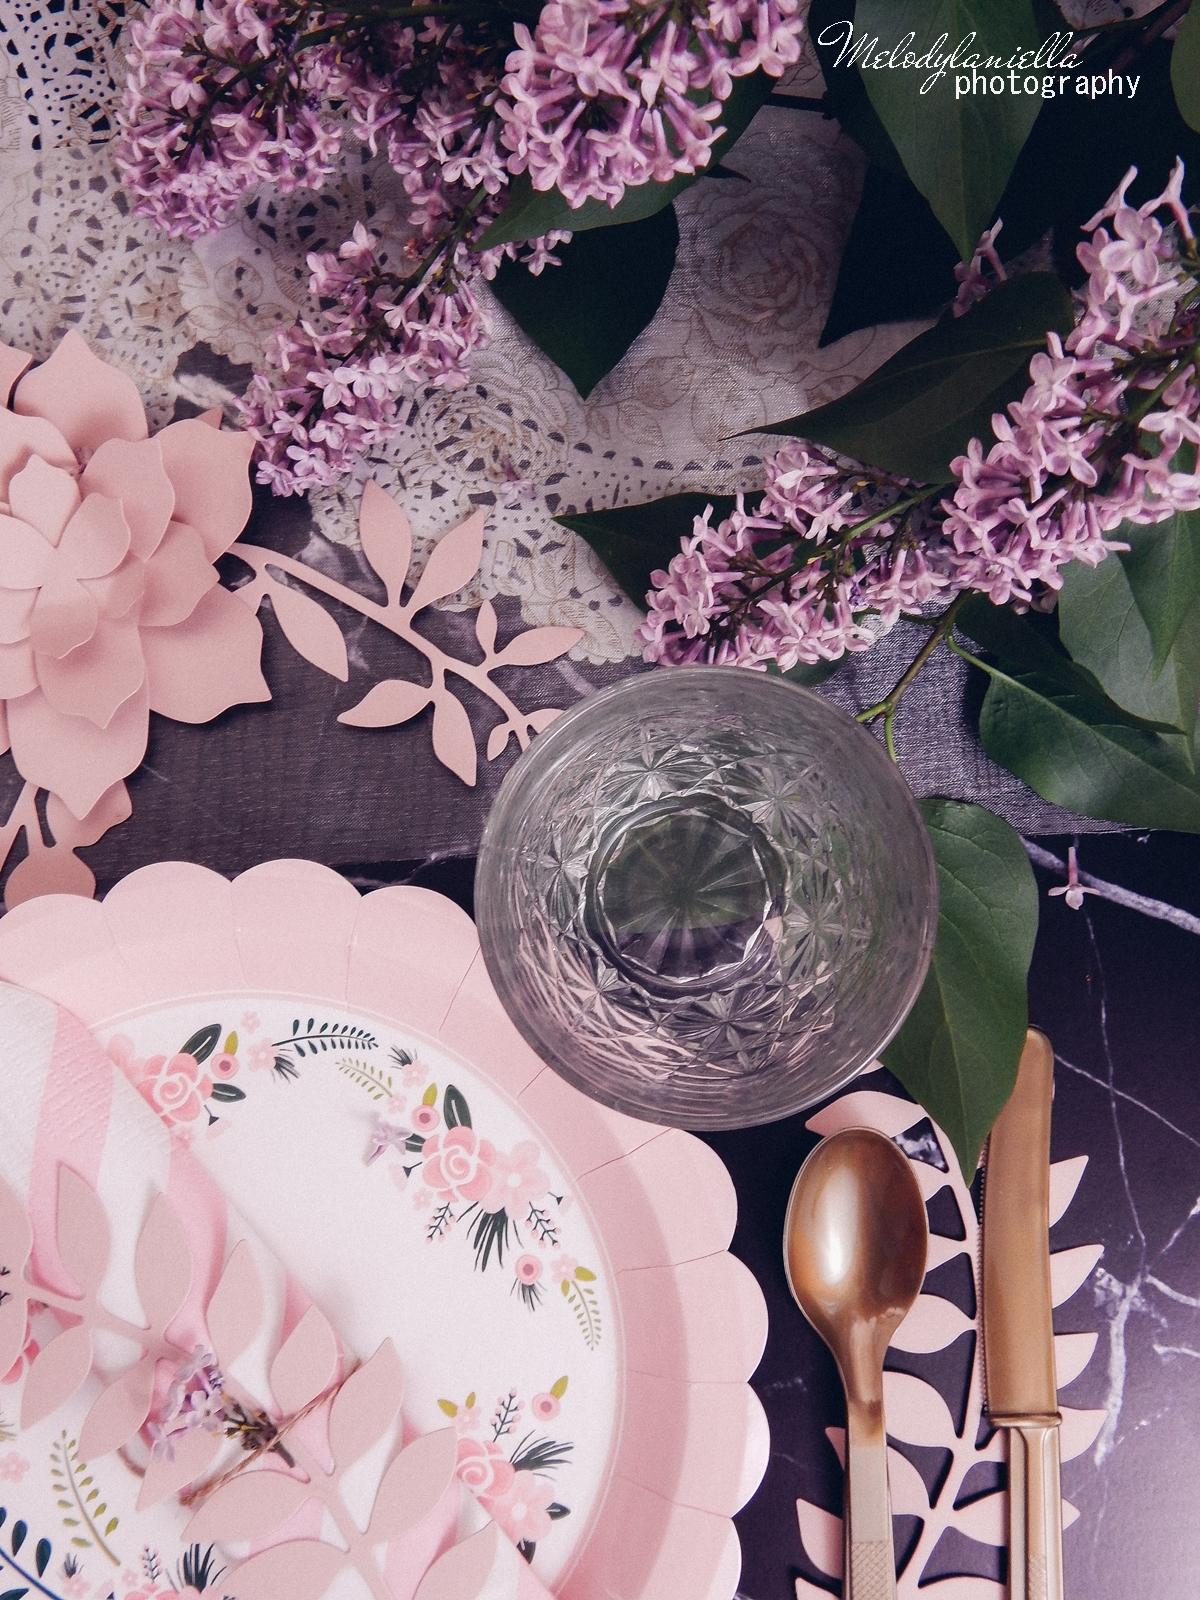 17 partybox.pl imprezu urodziny stroje dodatki na imprezę dekoracje nakrycia akcesoria imprezowe jak udekorować stół na dzień mamy pomysły na dzień matki melodylaniella pomysły na prezenty dla ukochanej